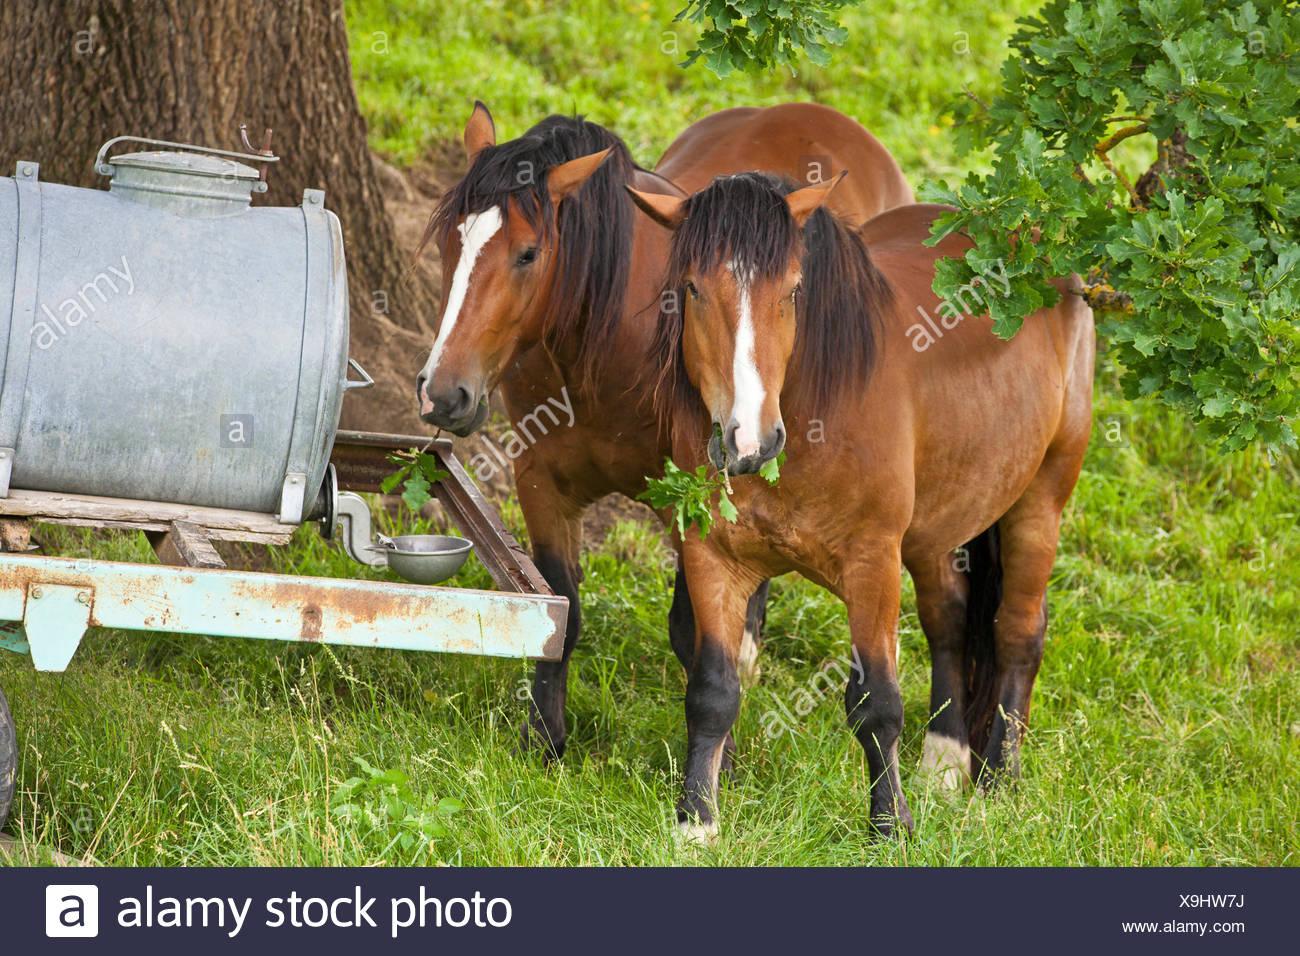 Cheval domestique (Equus caballus przewalskii f.), à un horsetrough se nourrit de feuilles de chêne, l'Allemagne, la Bavière Photo Stock